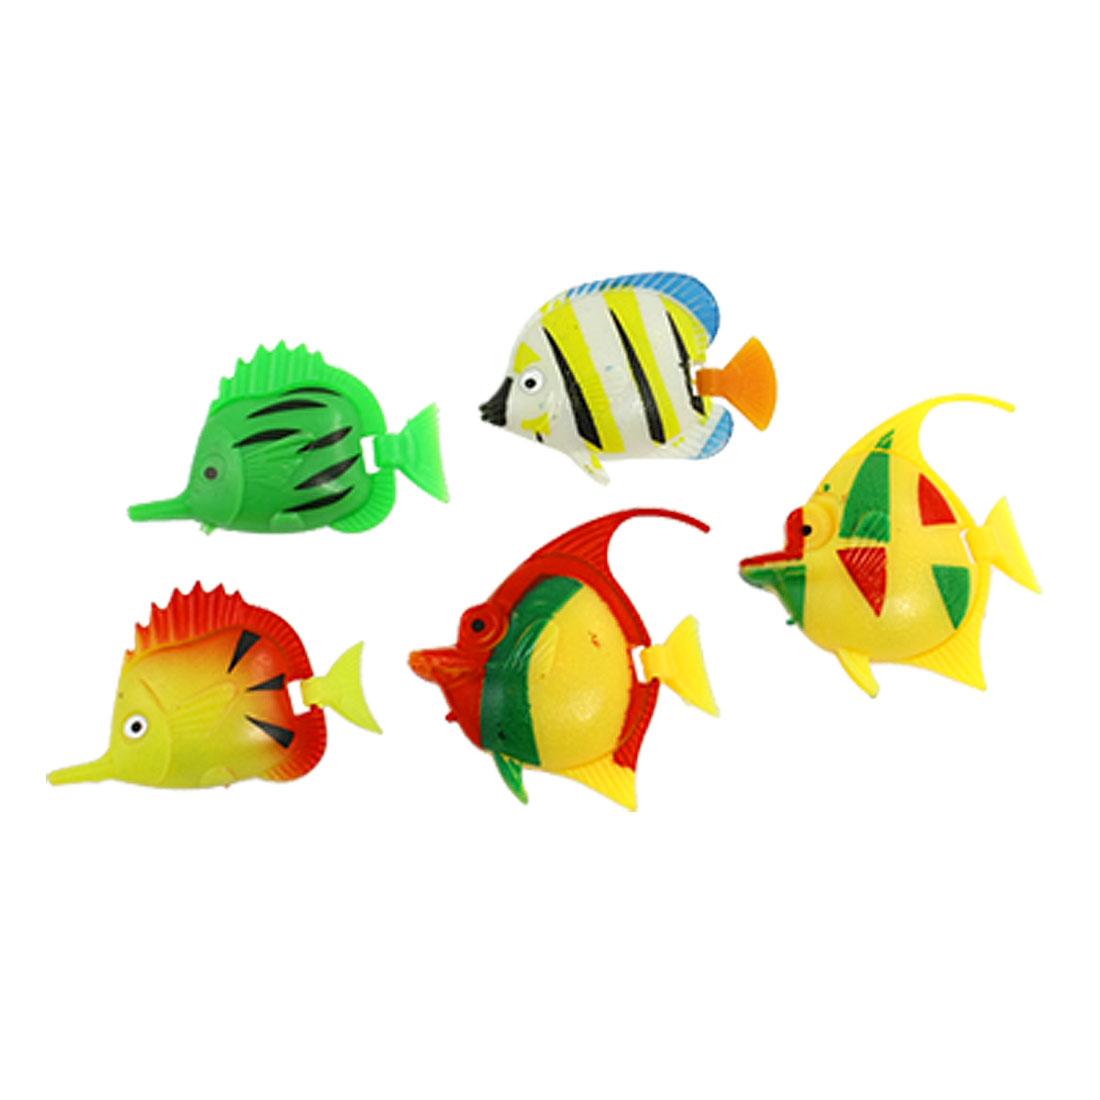 5 x Multi-colored Plastic Tropical Fish Decor for Aquarium